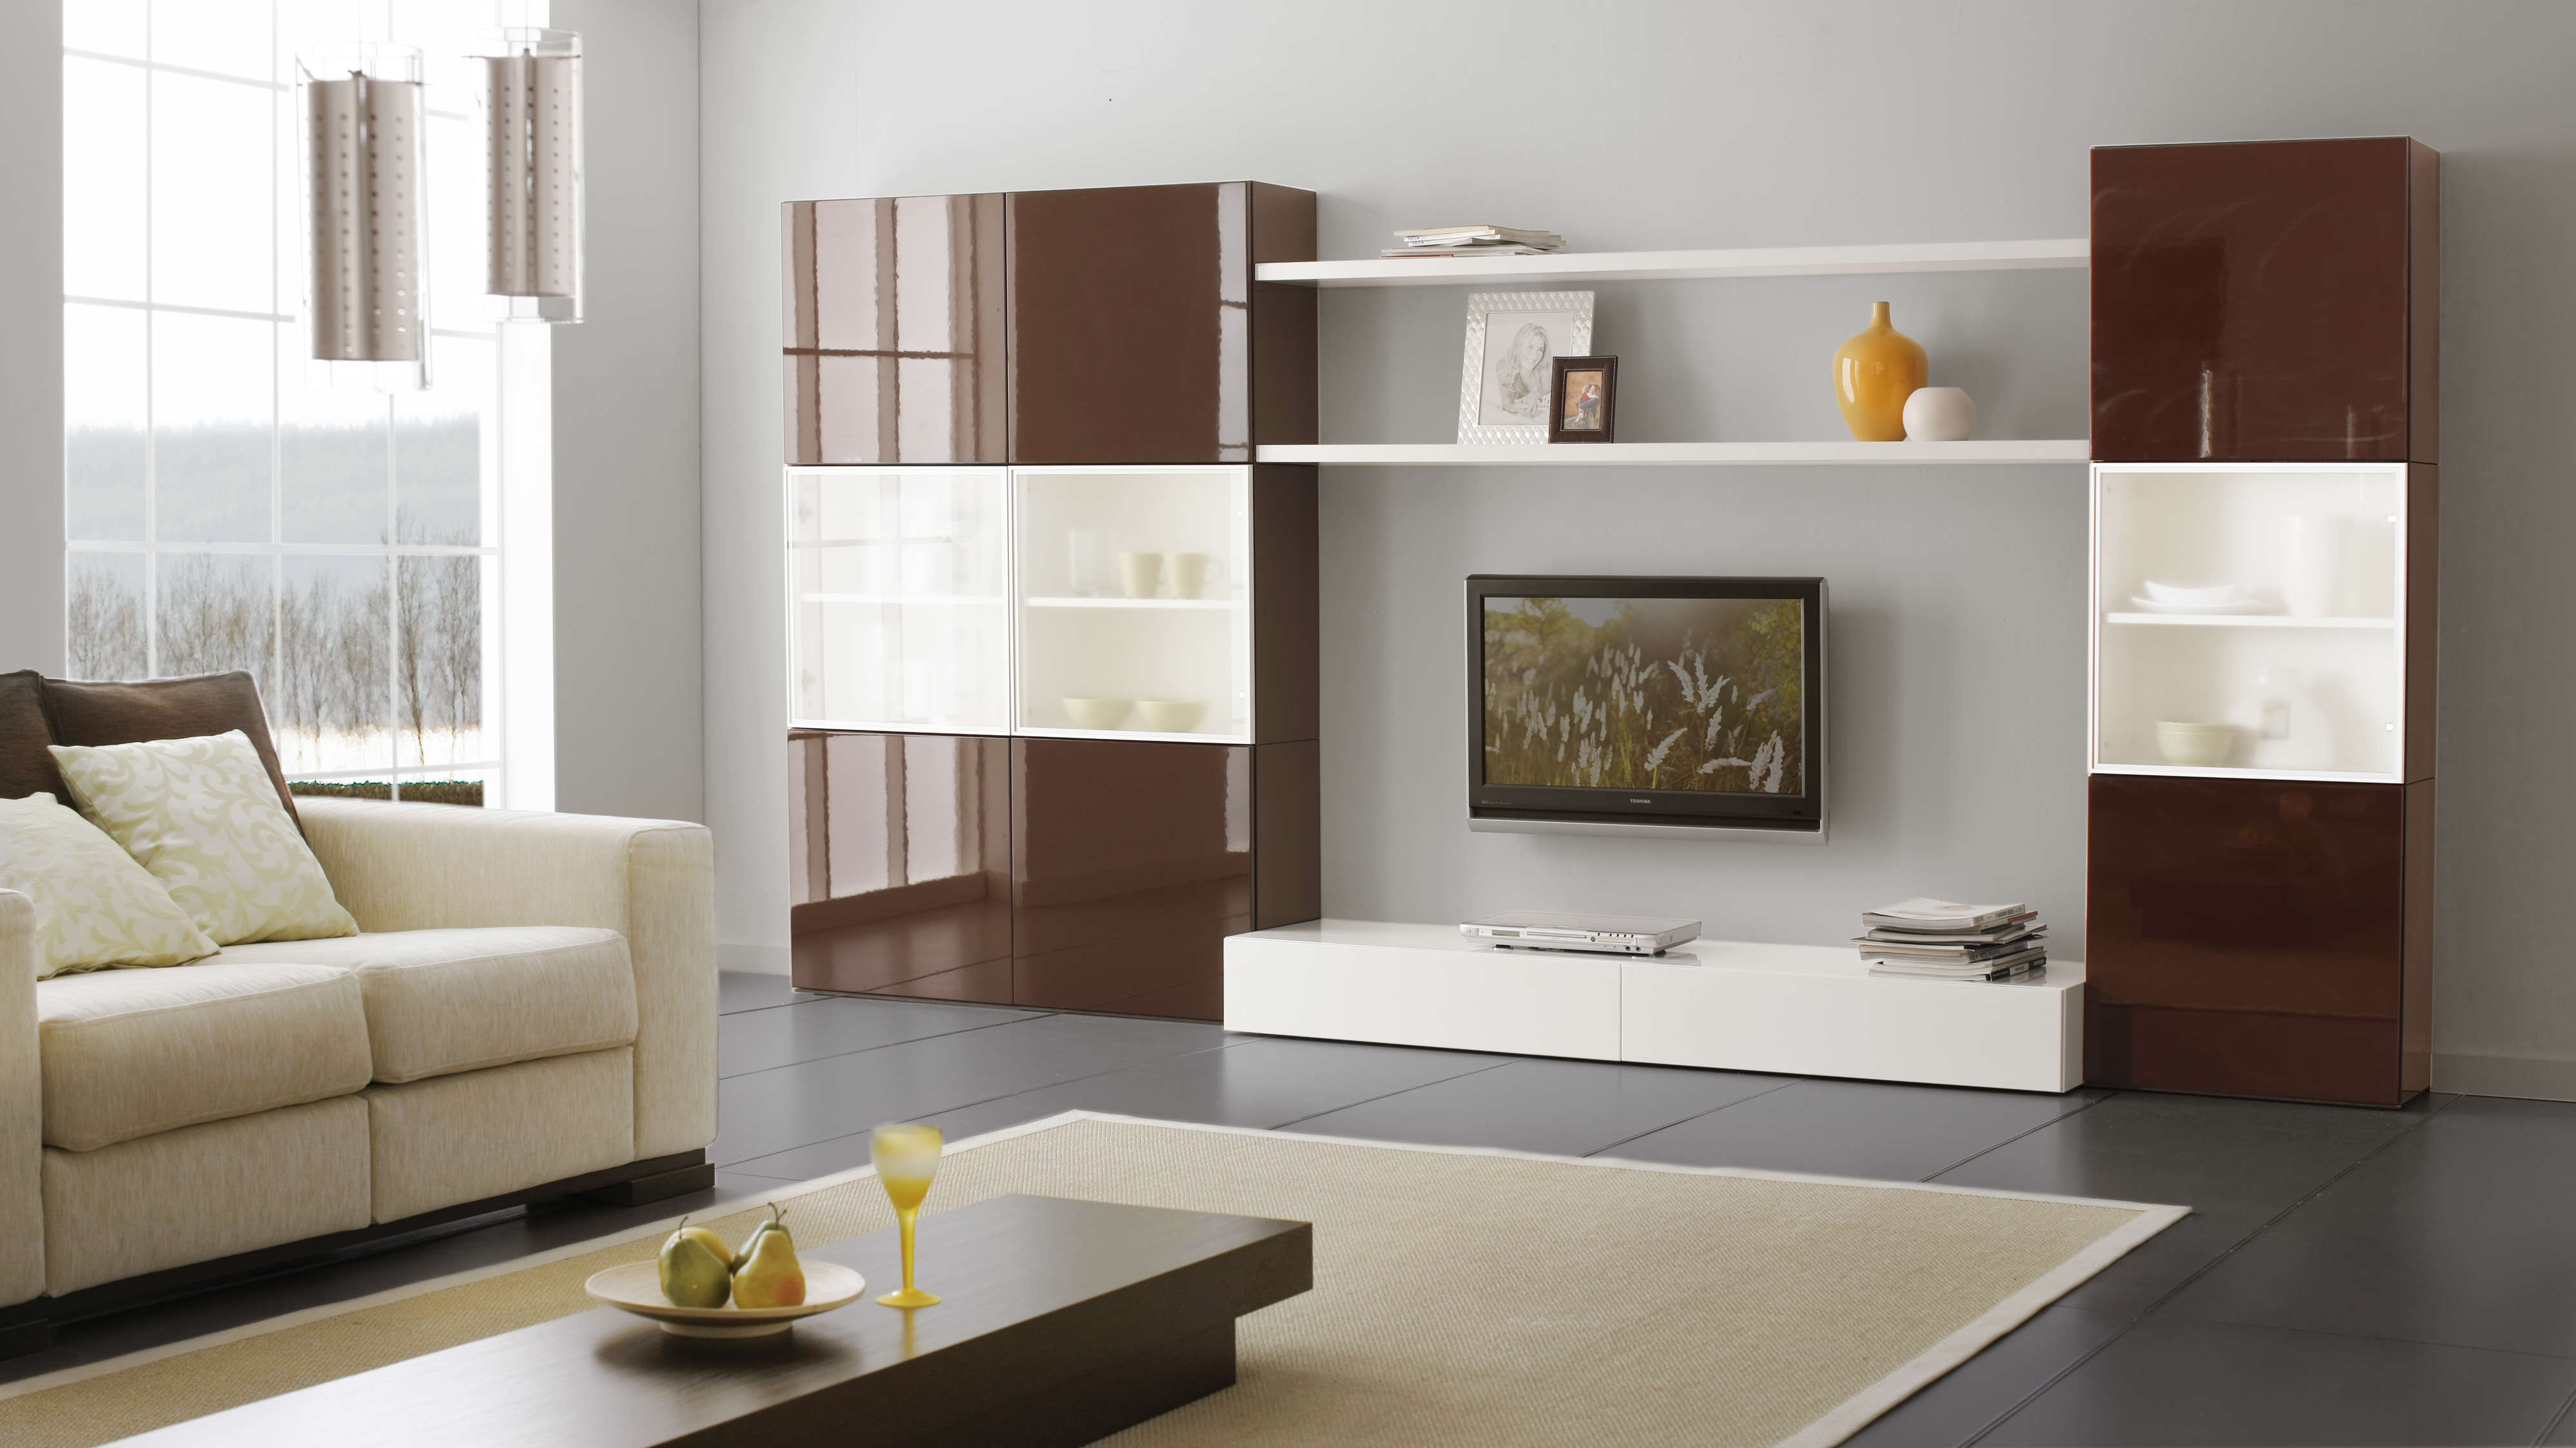 Мебель в гостиную в минске на заказ. фото современной мебели.